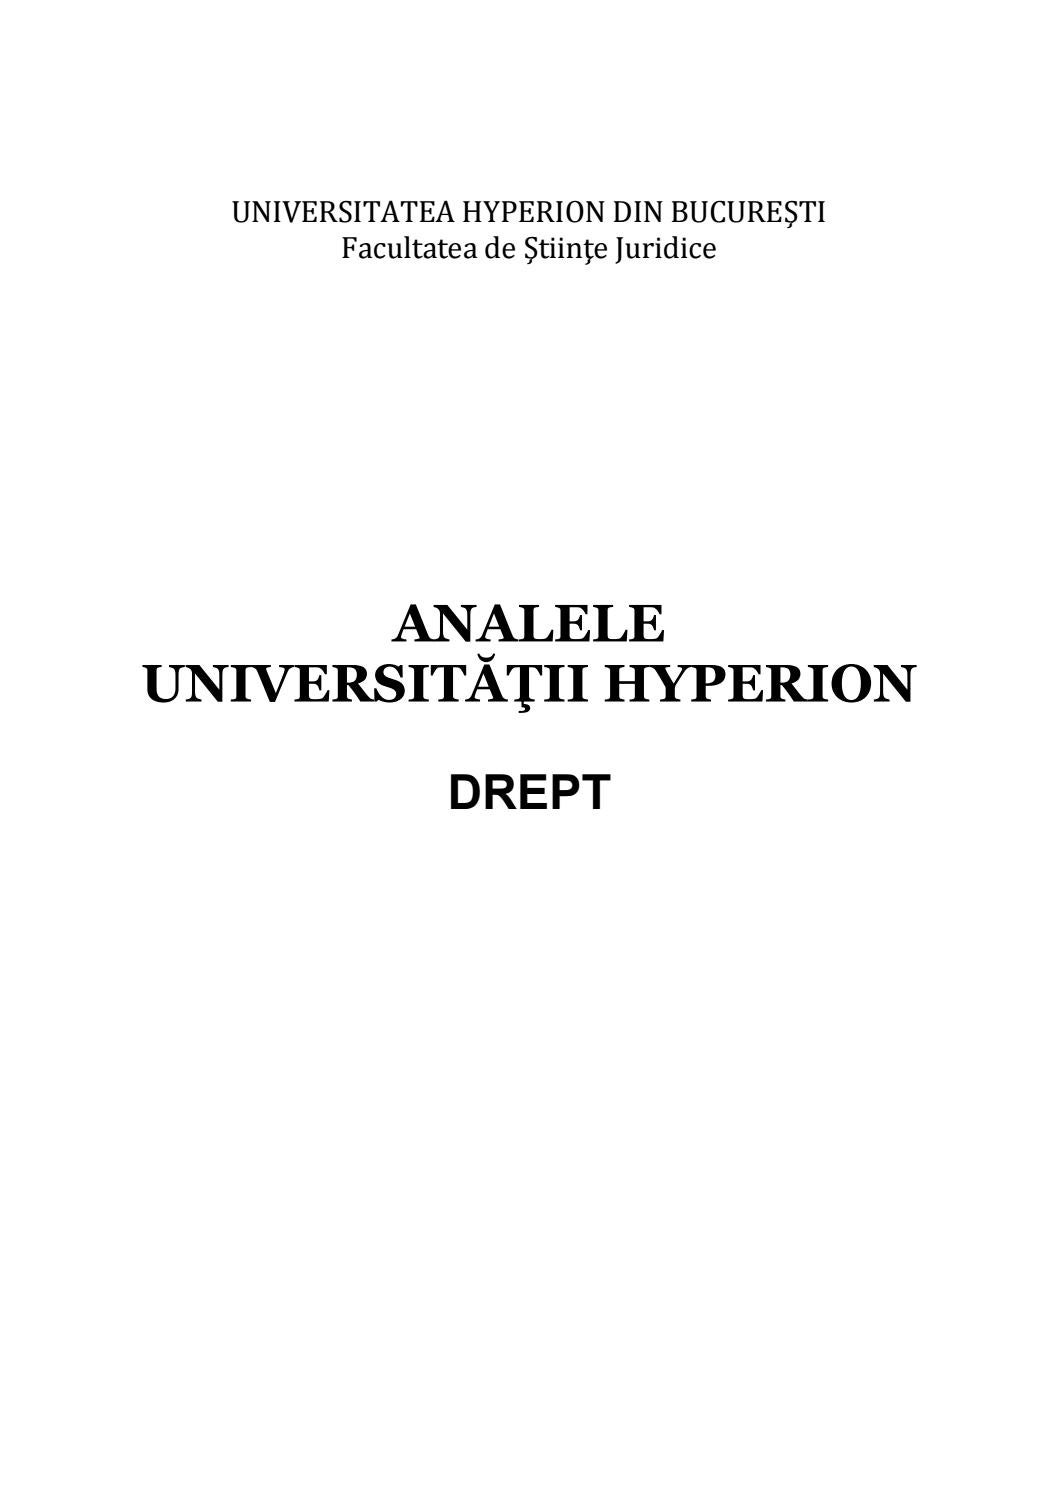 ANALELE UNIVERSITĂŢII HYPERION DREPT 2018 by Eugen Cornel